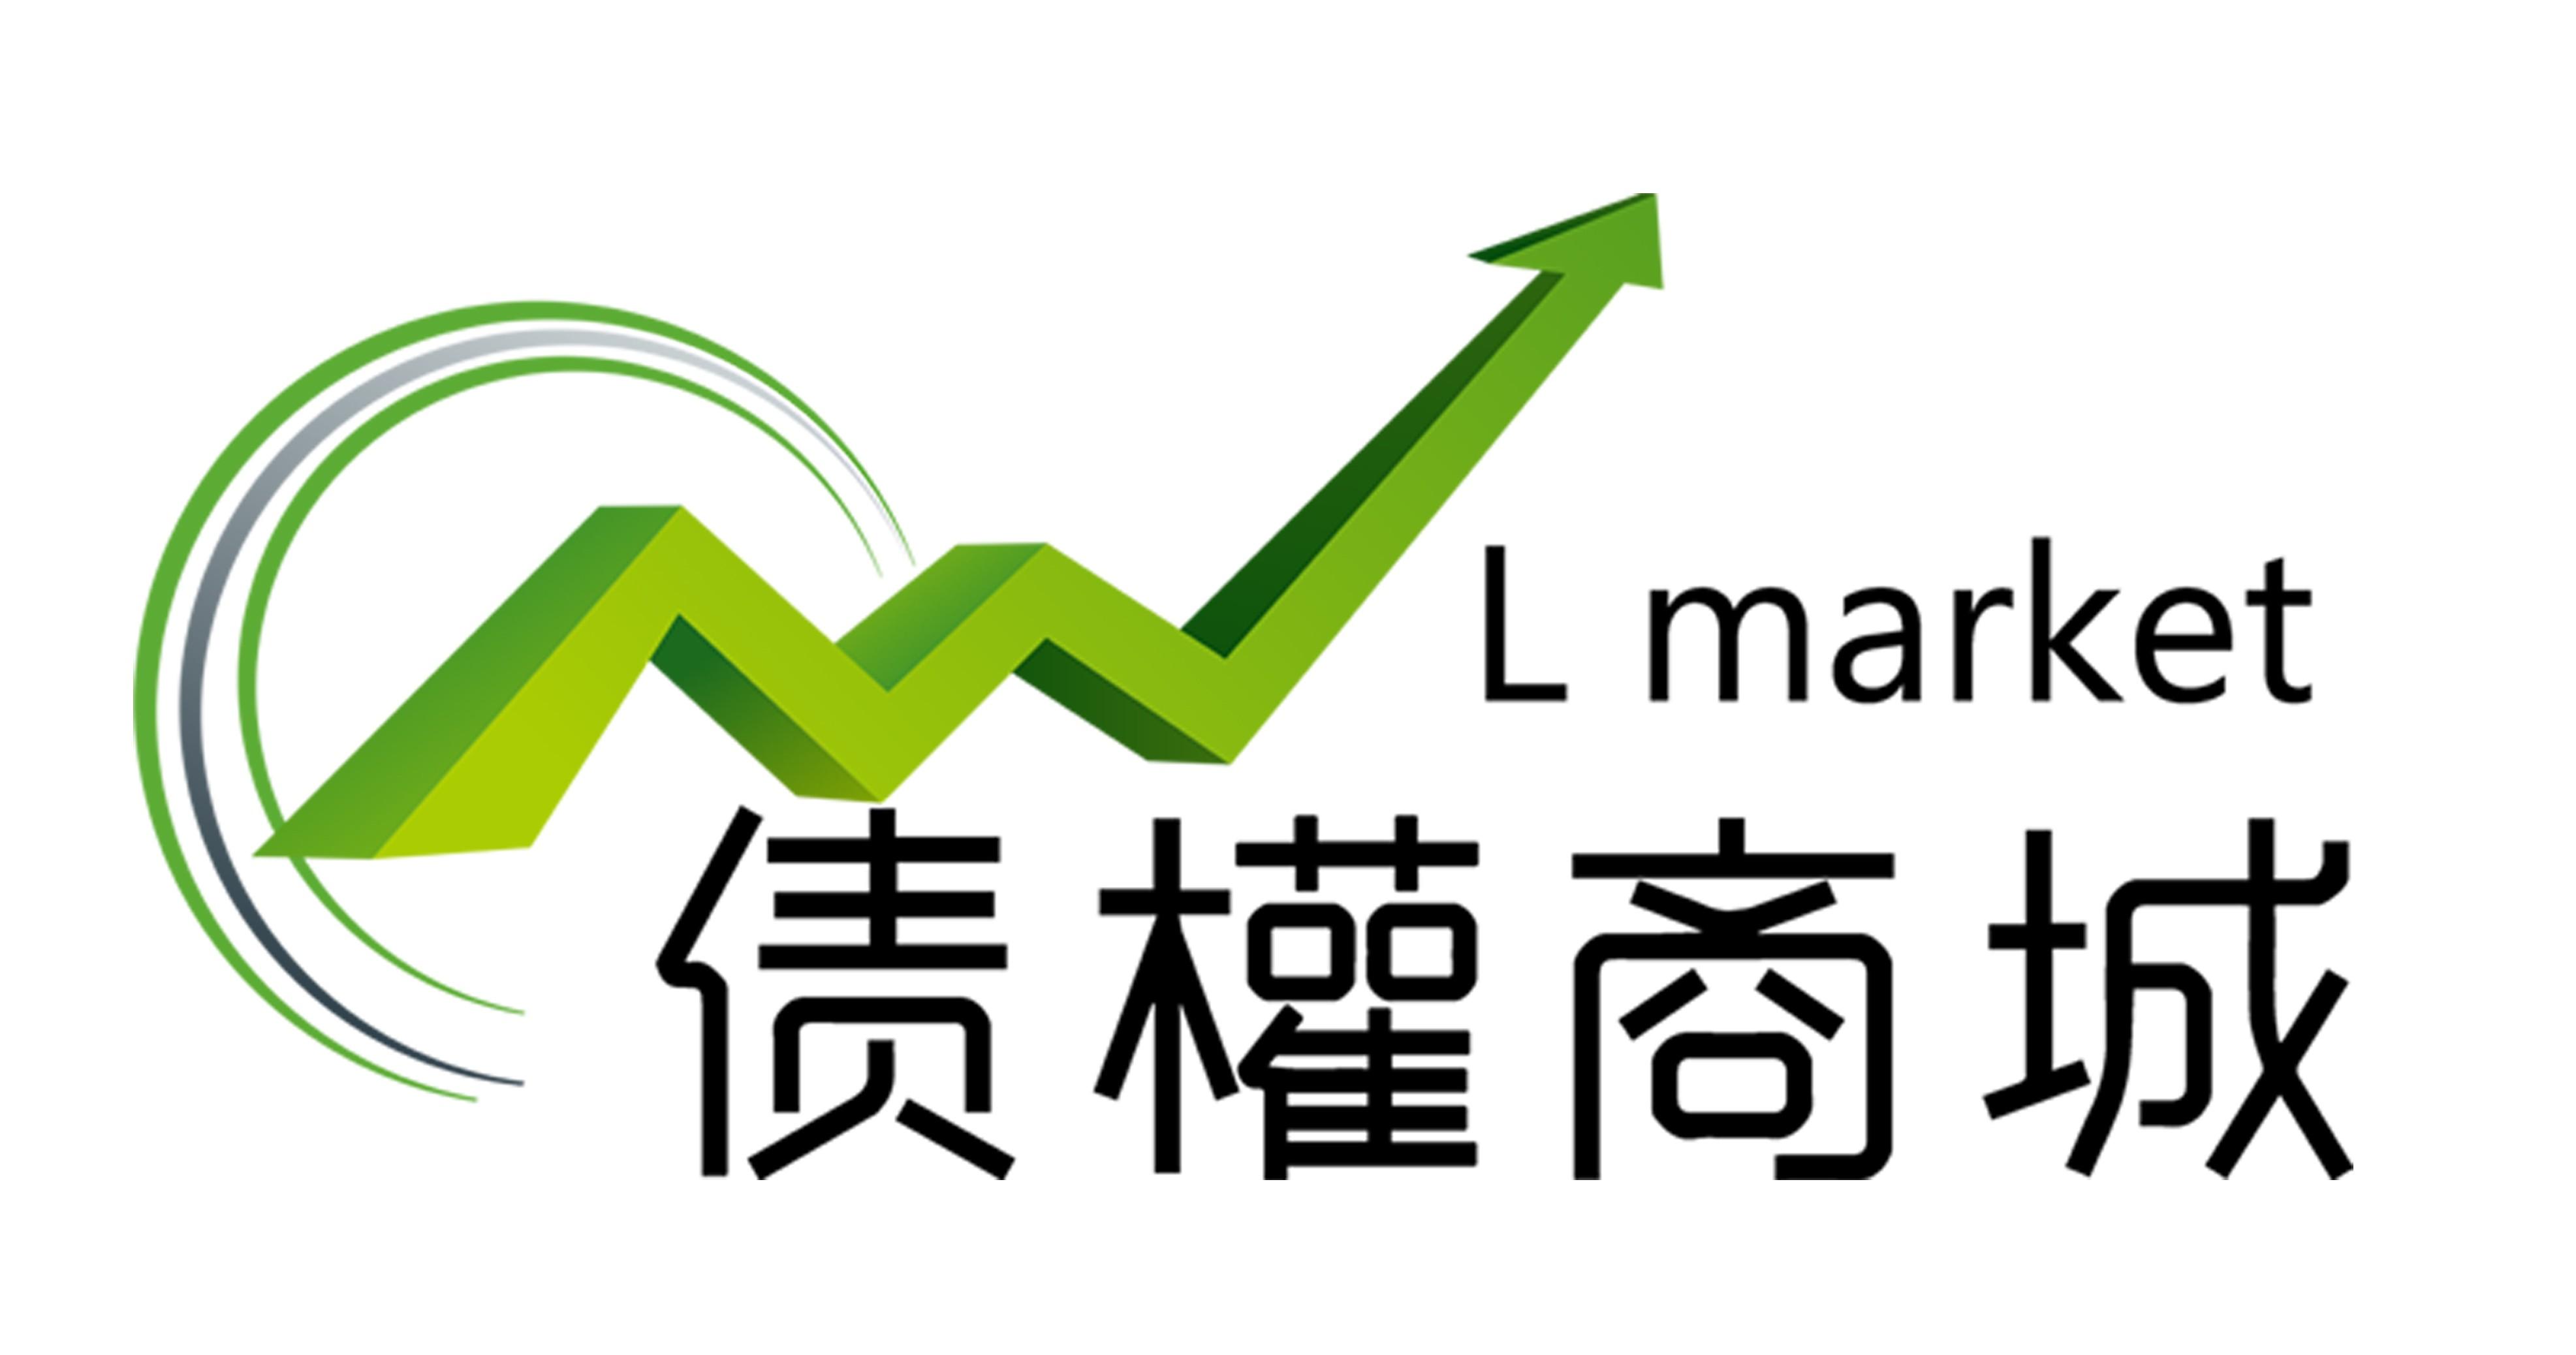 日昇金互聯網股份有限公司  (經濟部工業局「數位轉型 創新應用」主題館)